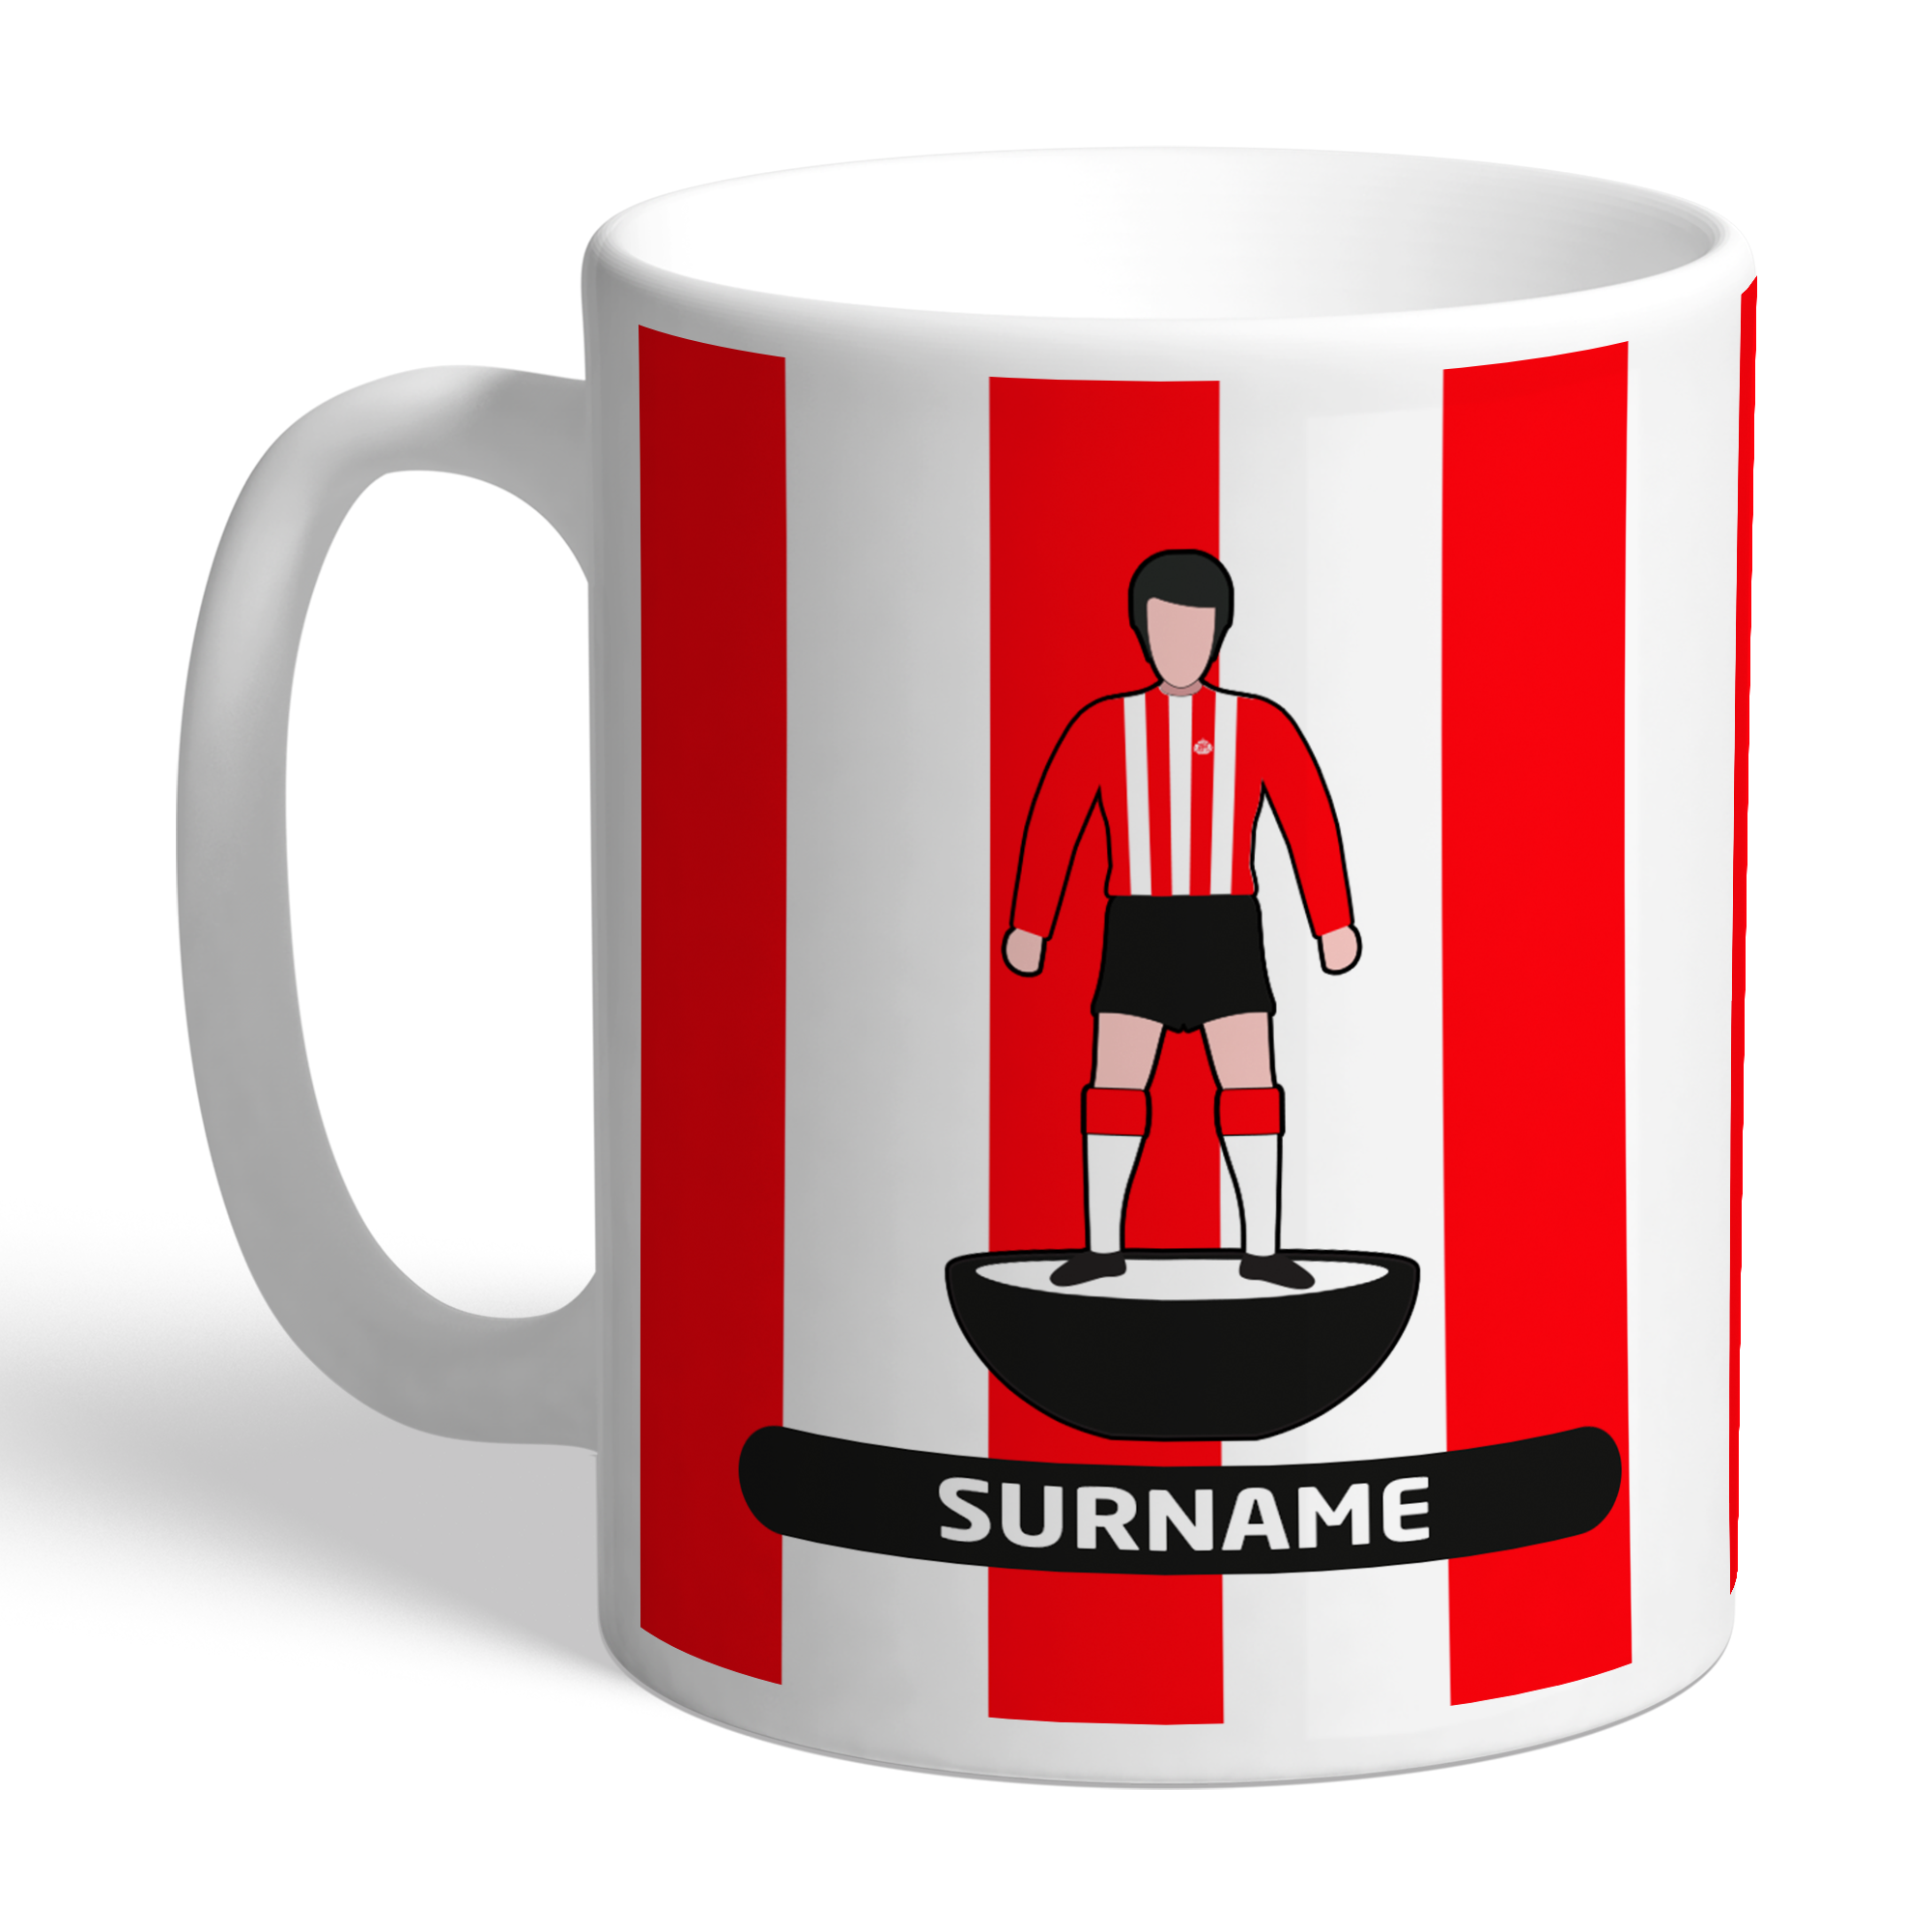 Personalised Sunderland FC Player Figure Mug